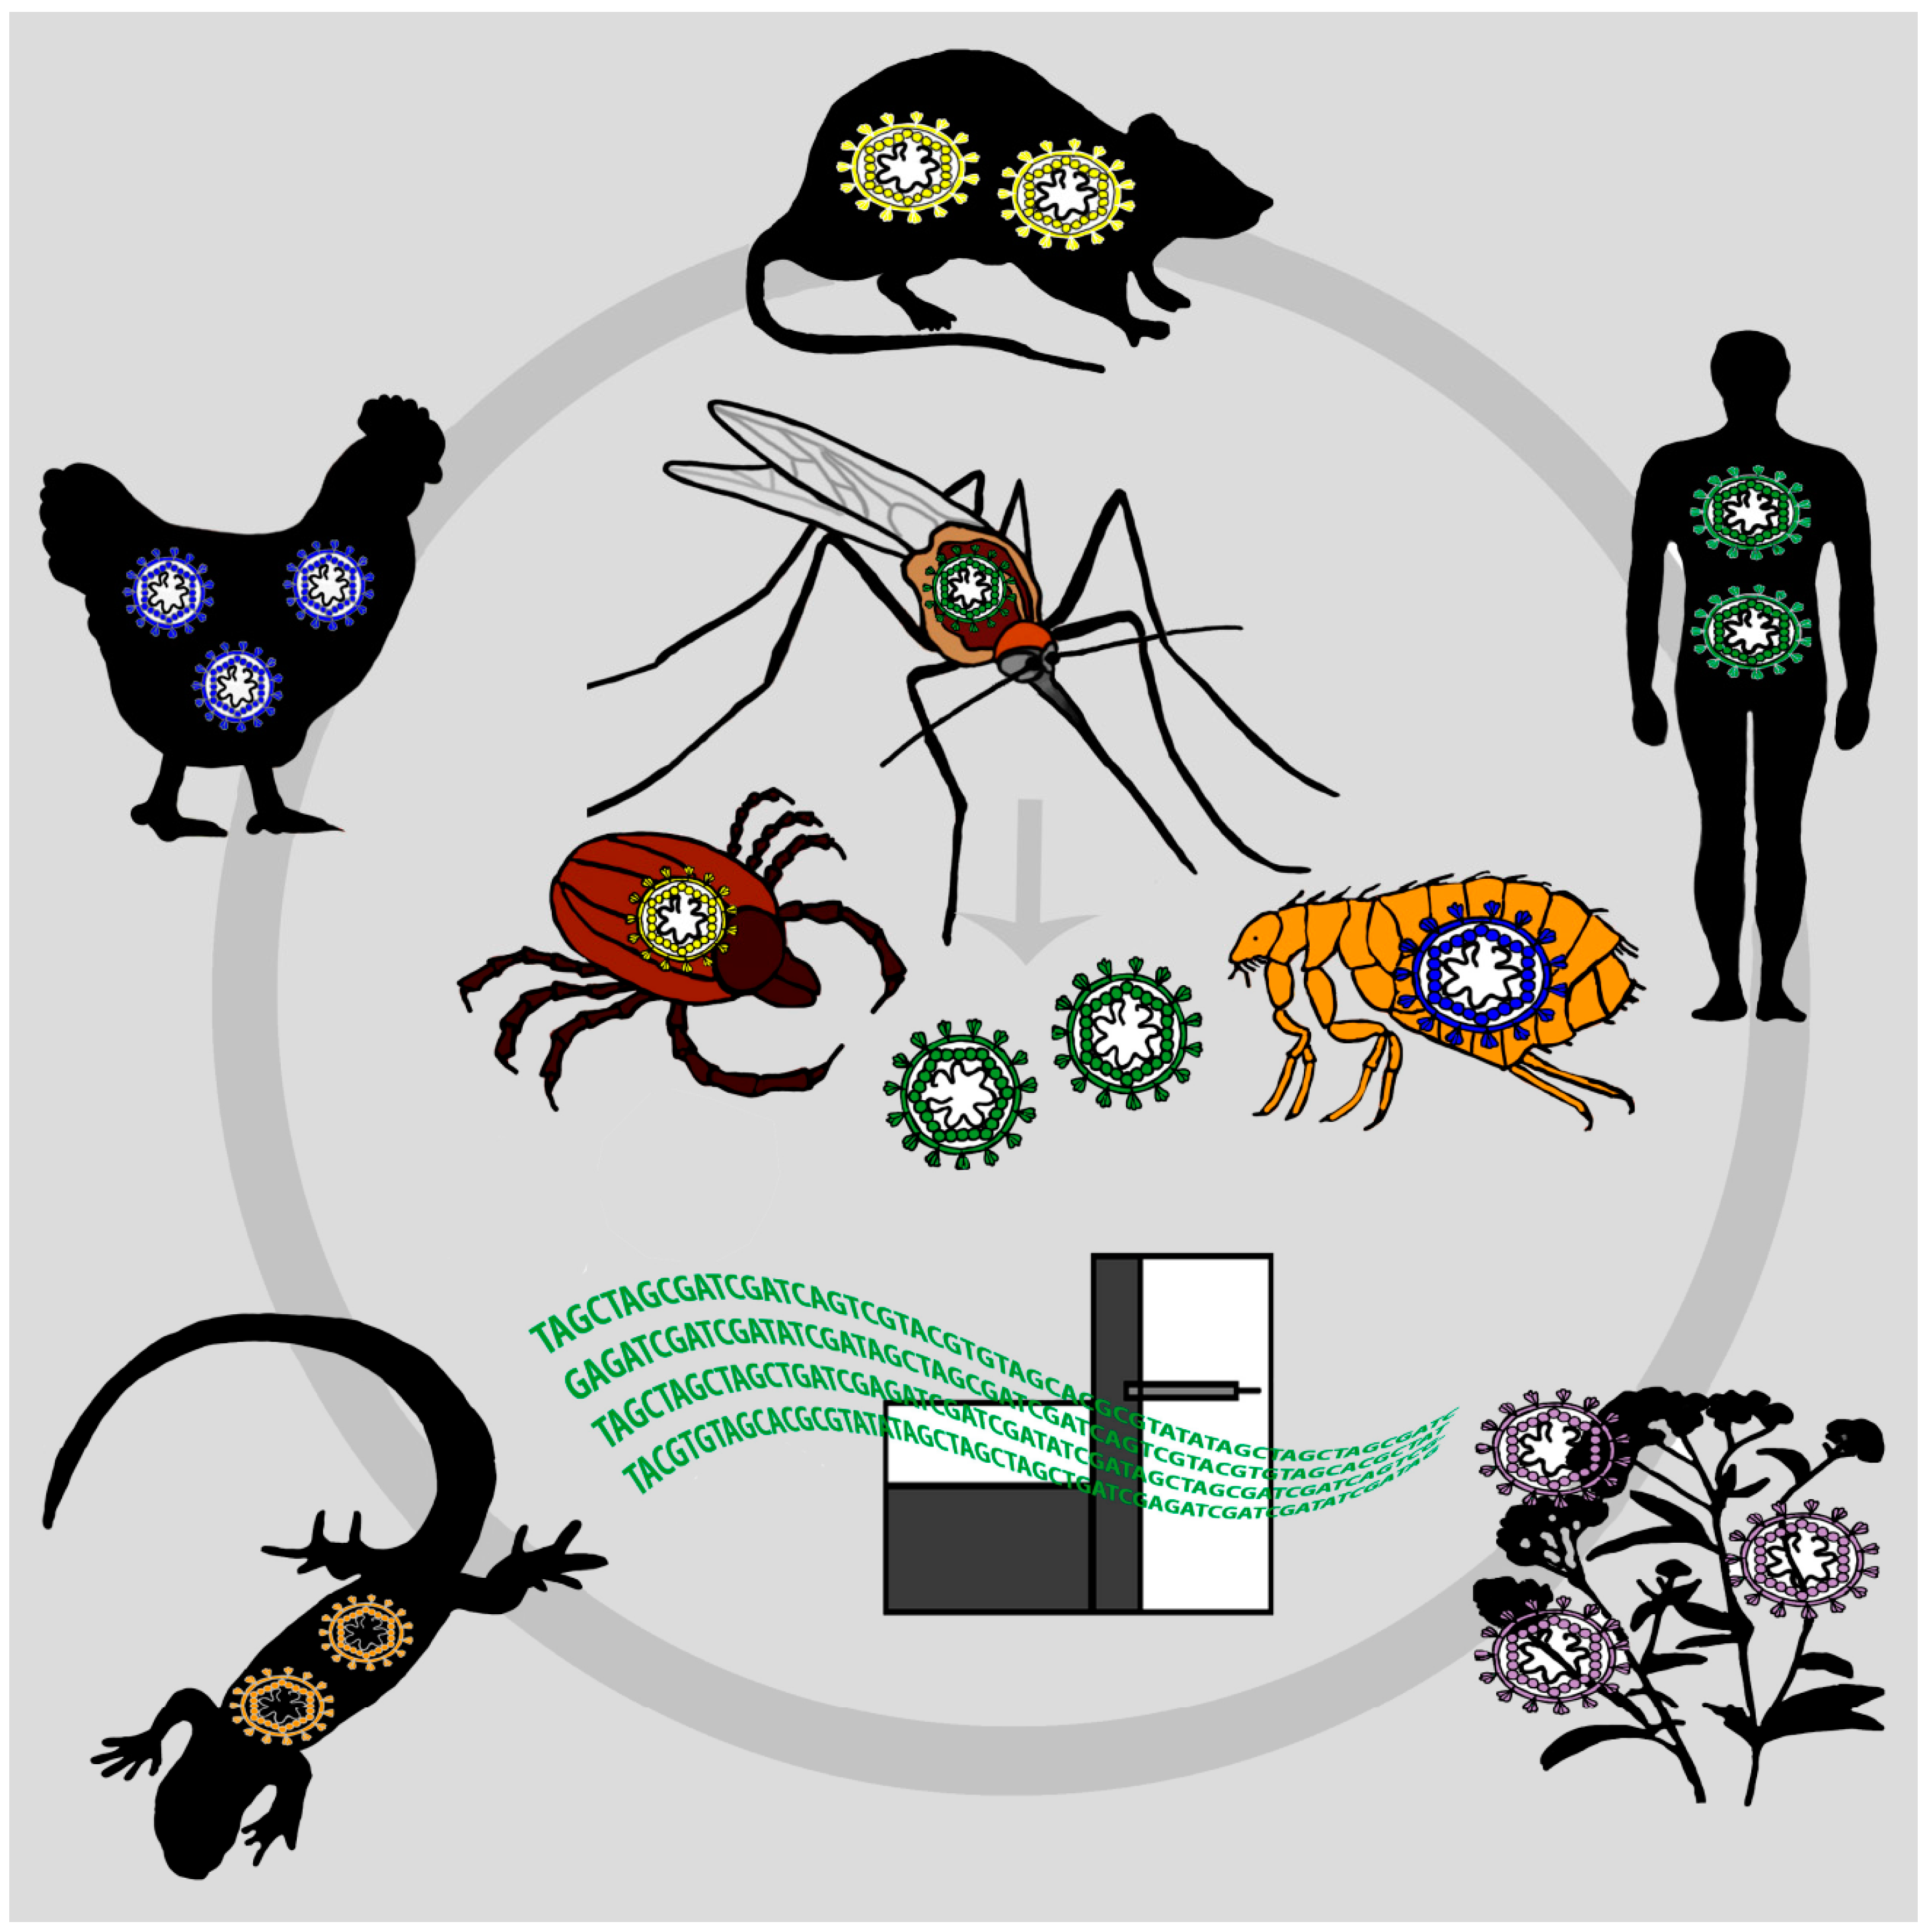 Viral Metagenomics On Blood